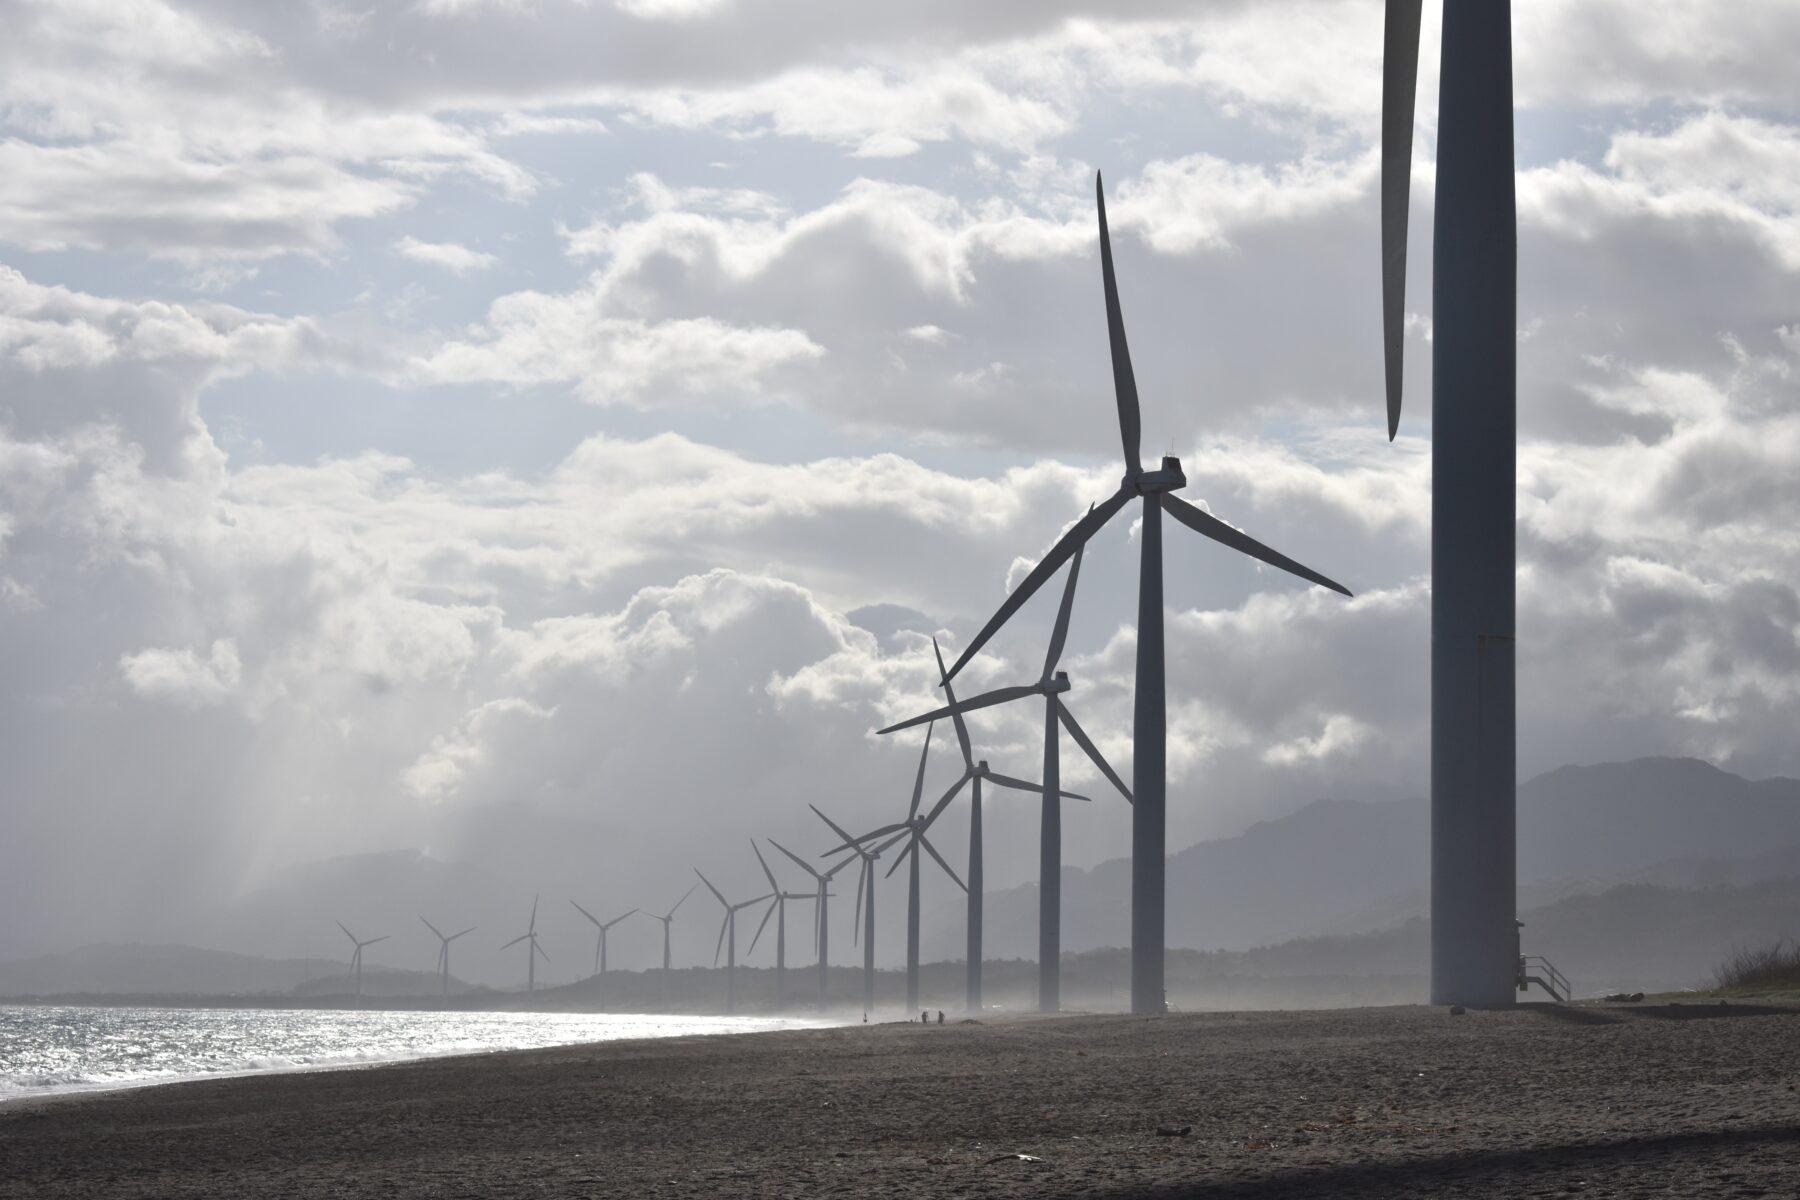 Niemcy: Energiewende, czyli klimat w służbie niemieckiego biznesu